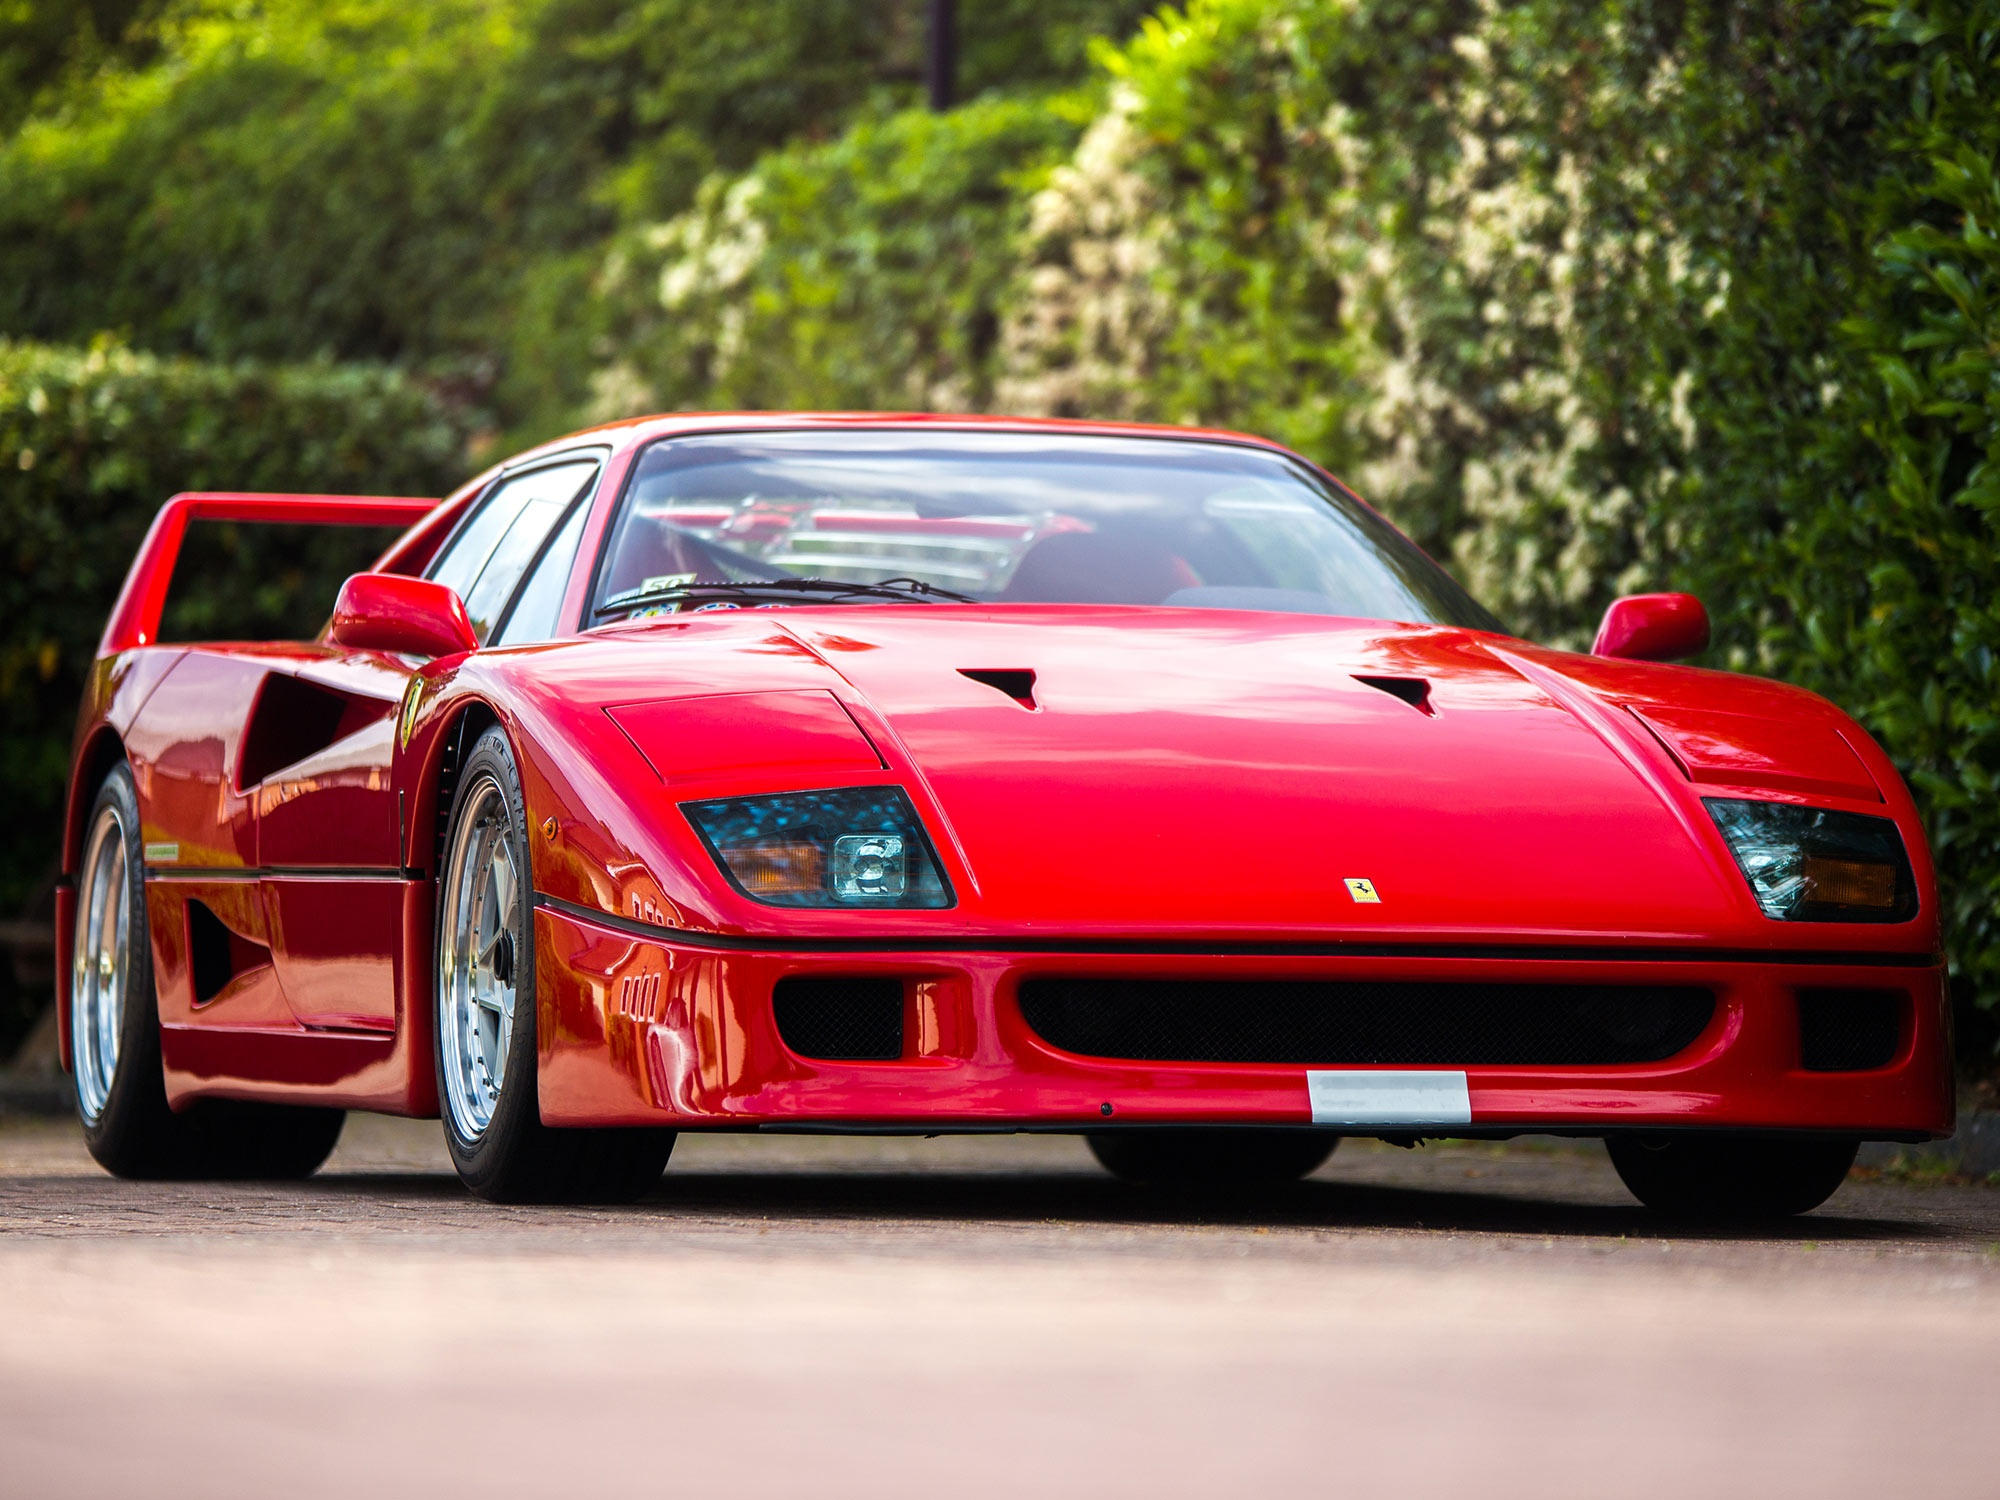 Ferrari F40 Price >> 1988 Ferrari F40 - Non-cat non-adjust sliding window euro spec | Classic Driver Market